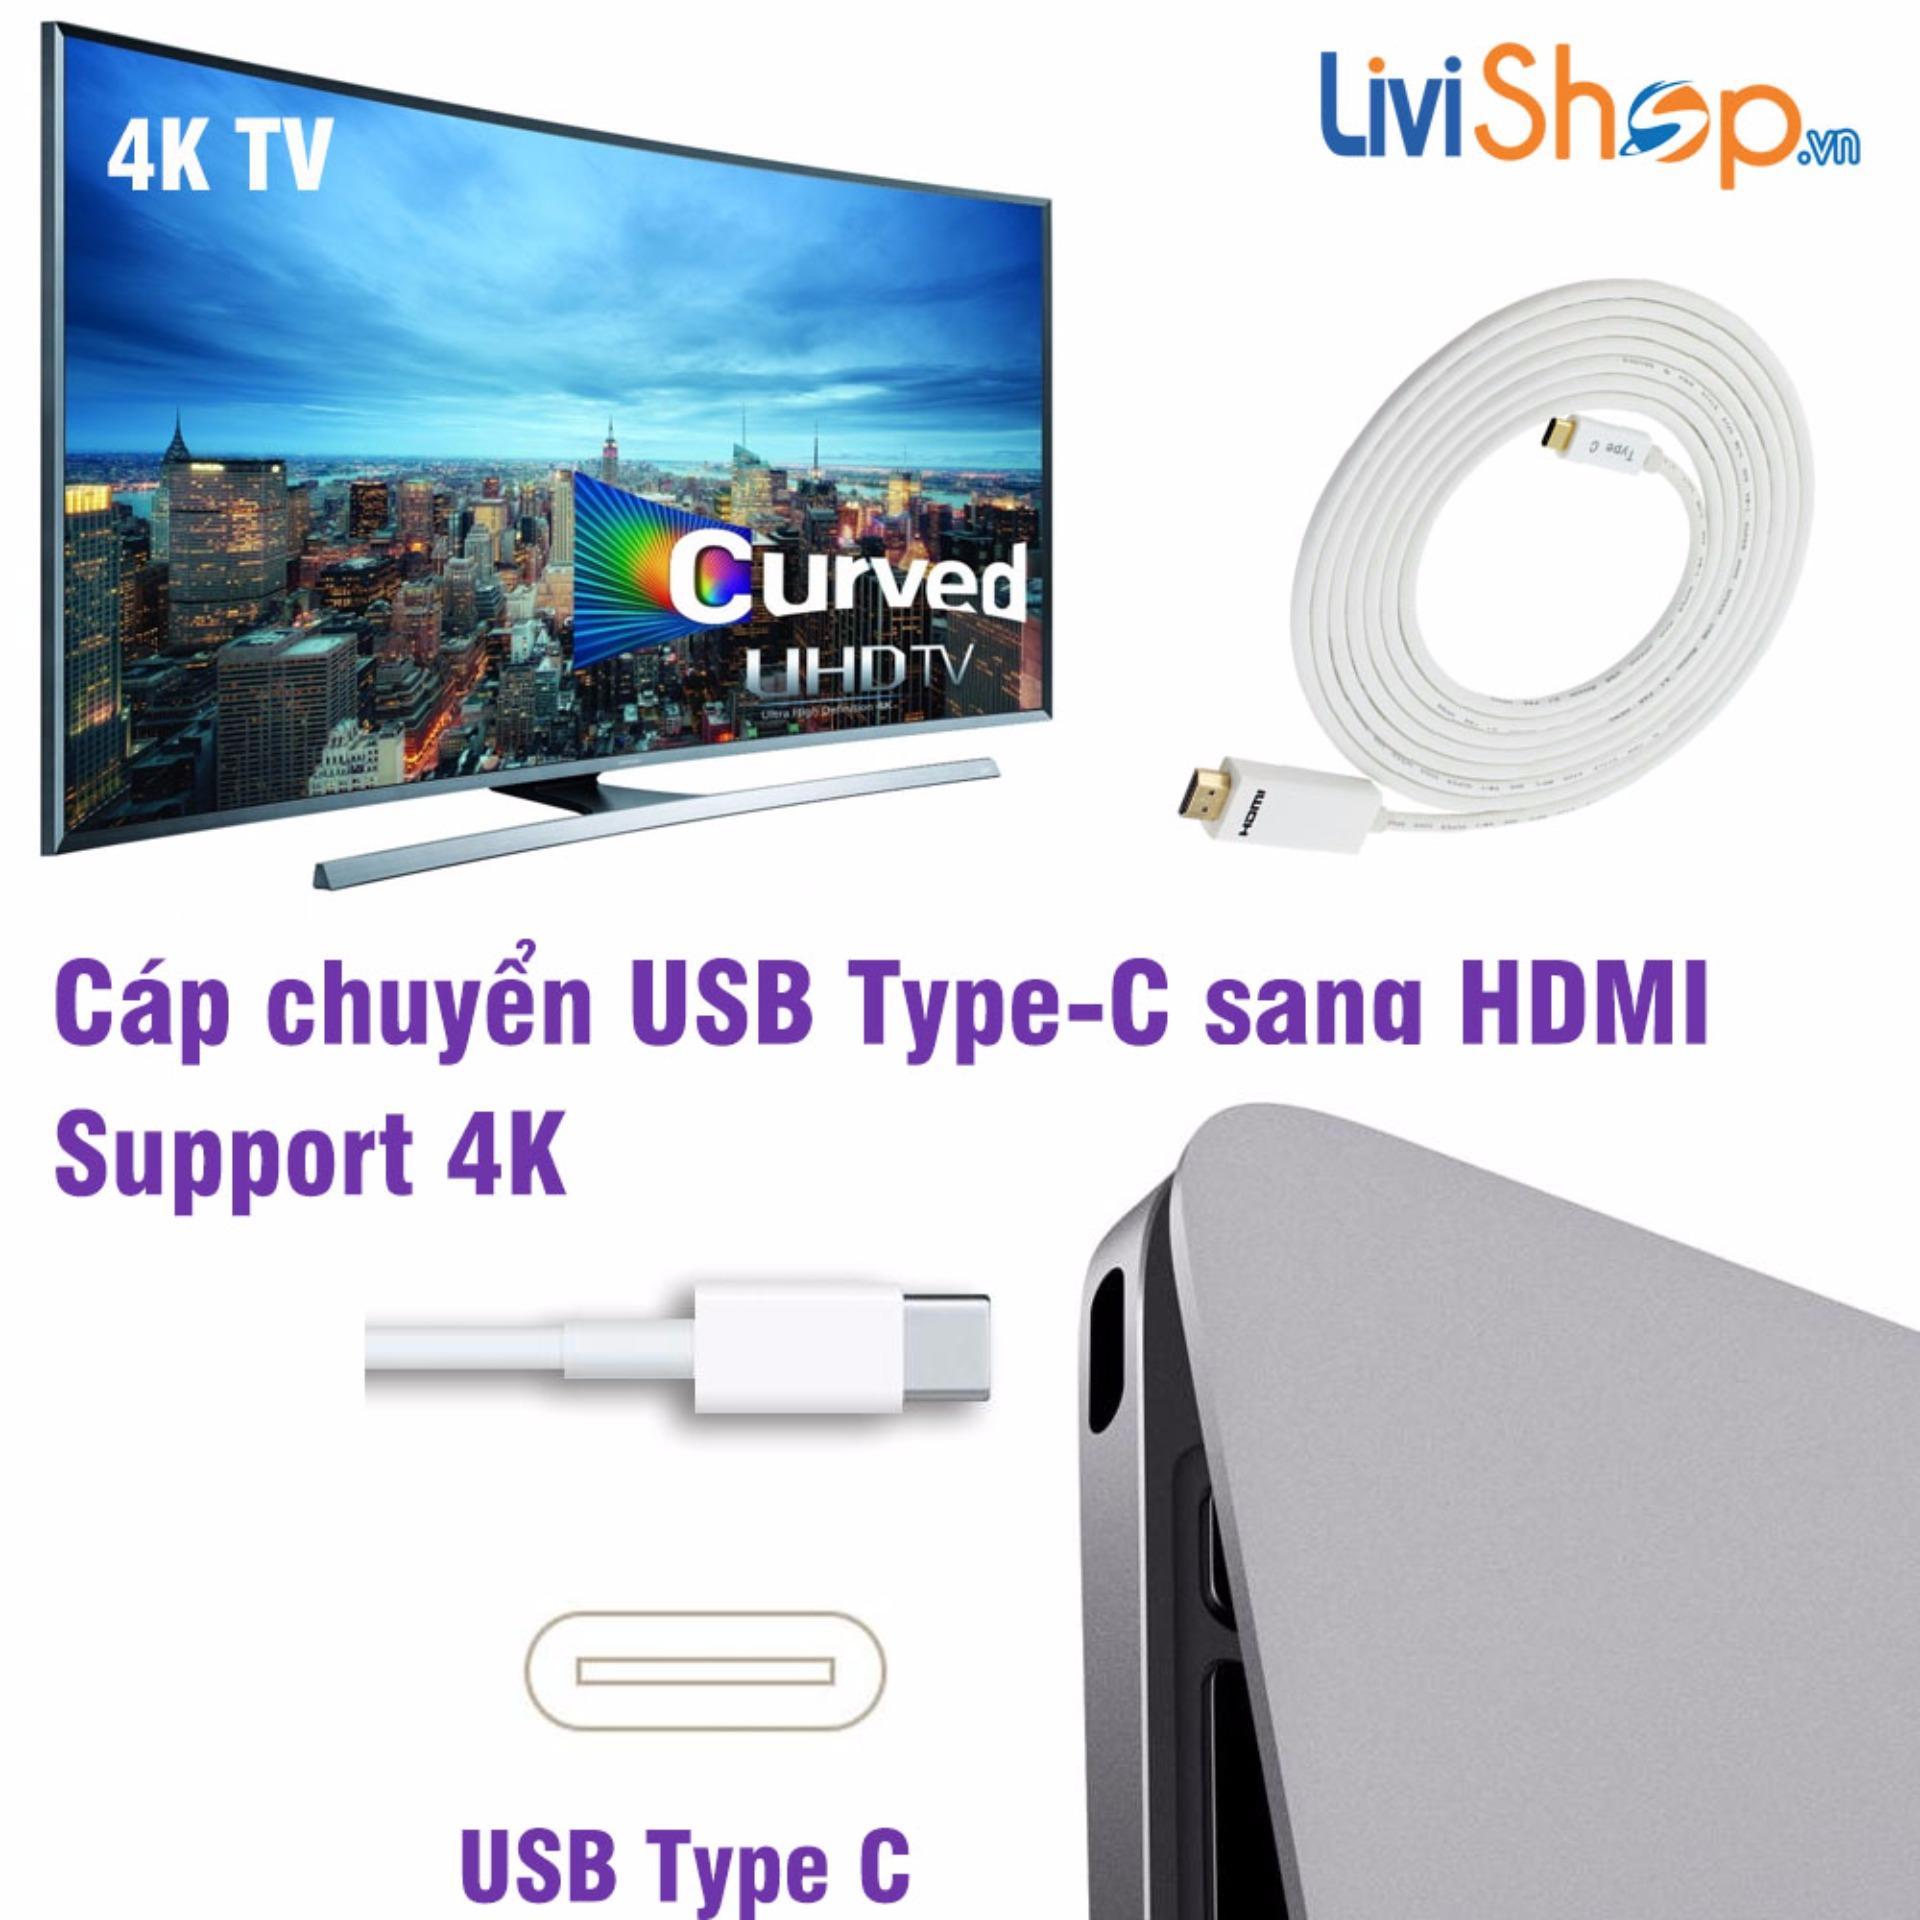 Cáp chuyển USB Type C sang HDMI hỗ trợ xuất Video 4K (3 mét) siêu nét